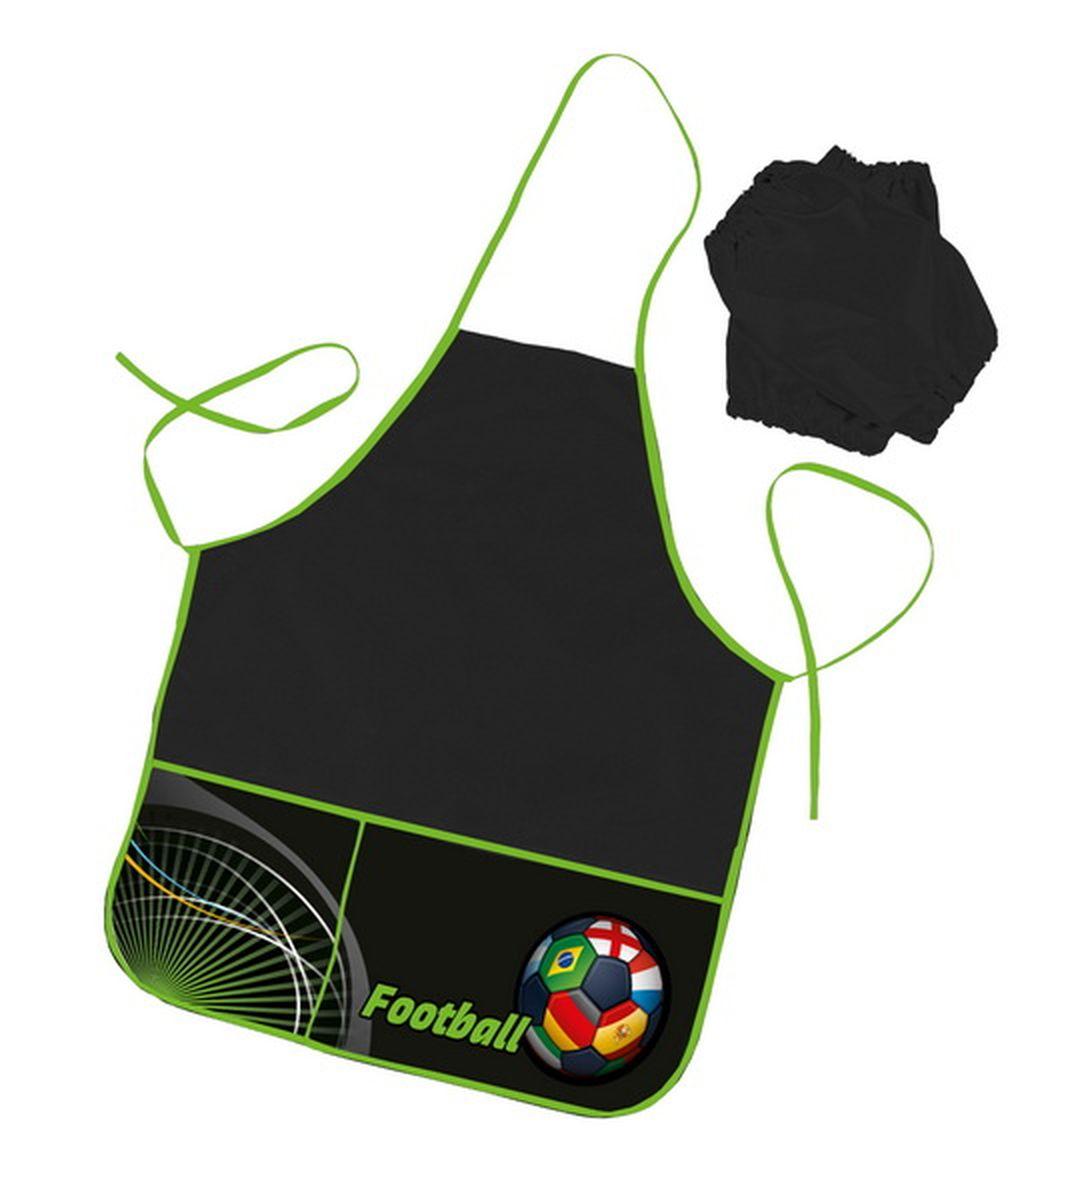 Hatber Фартук для труда с двумя карманами Football72523WDУдобный фартук с ярким стильным дизайном для занятий трудом и творчеством. Водоотталкивающая ткань надёжно защитит одежду ребёнка от возможных загрязнений. Поставляются с нарукавниками